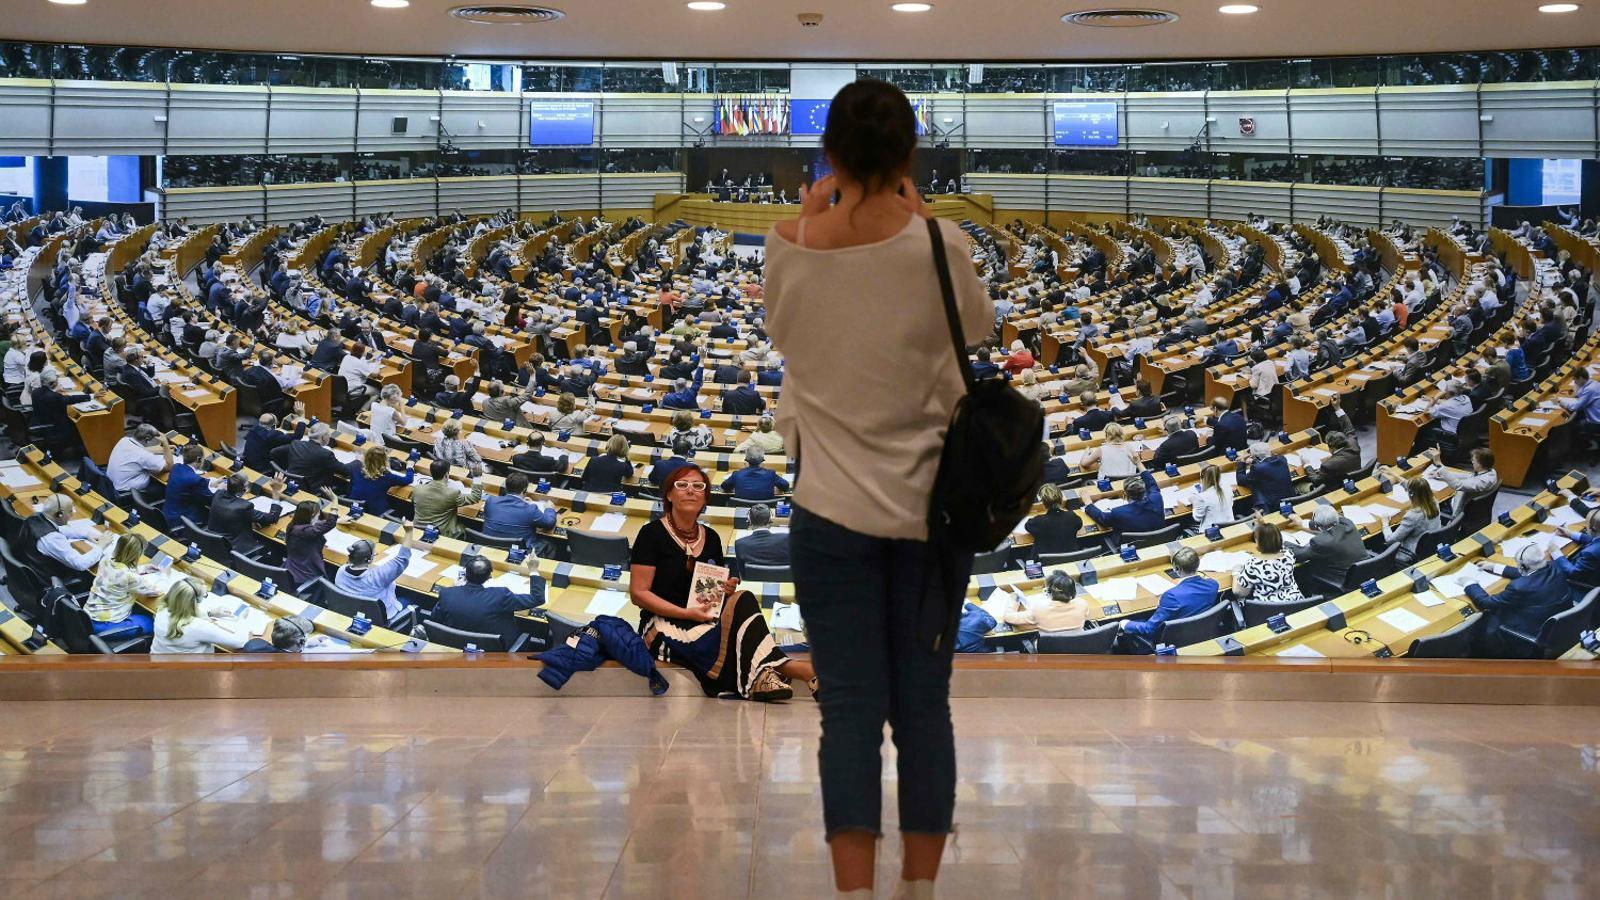 Les institucions europees són dels homes blancs